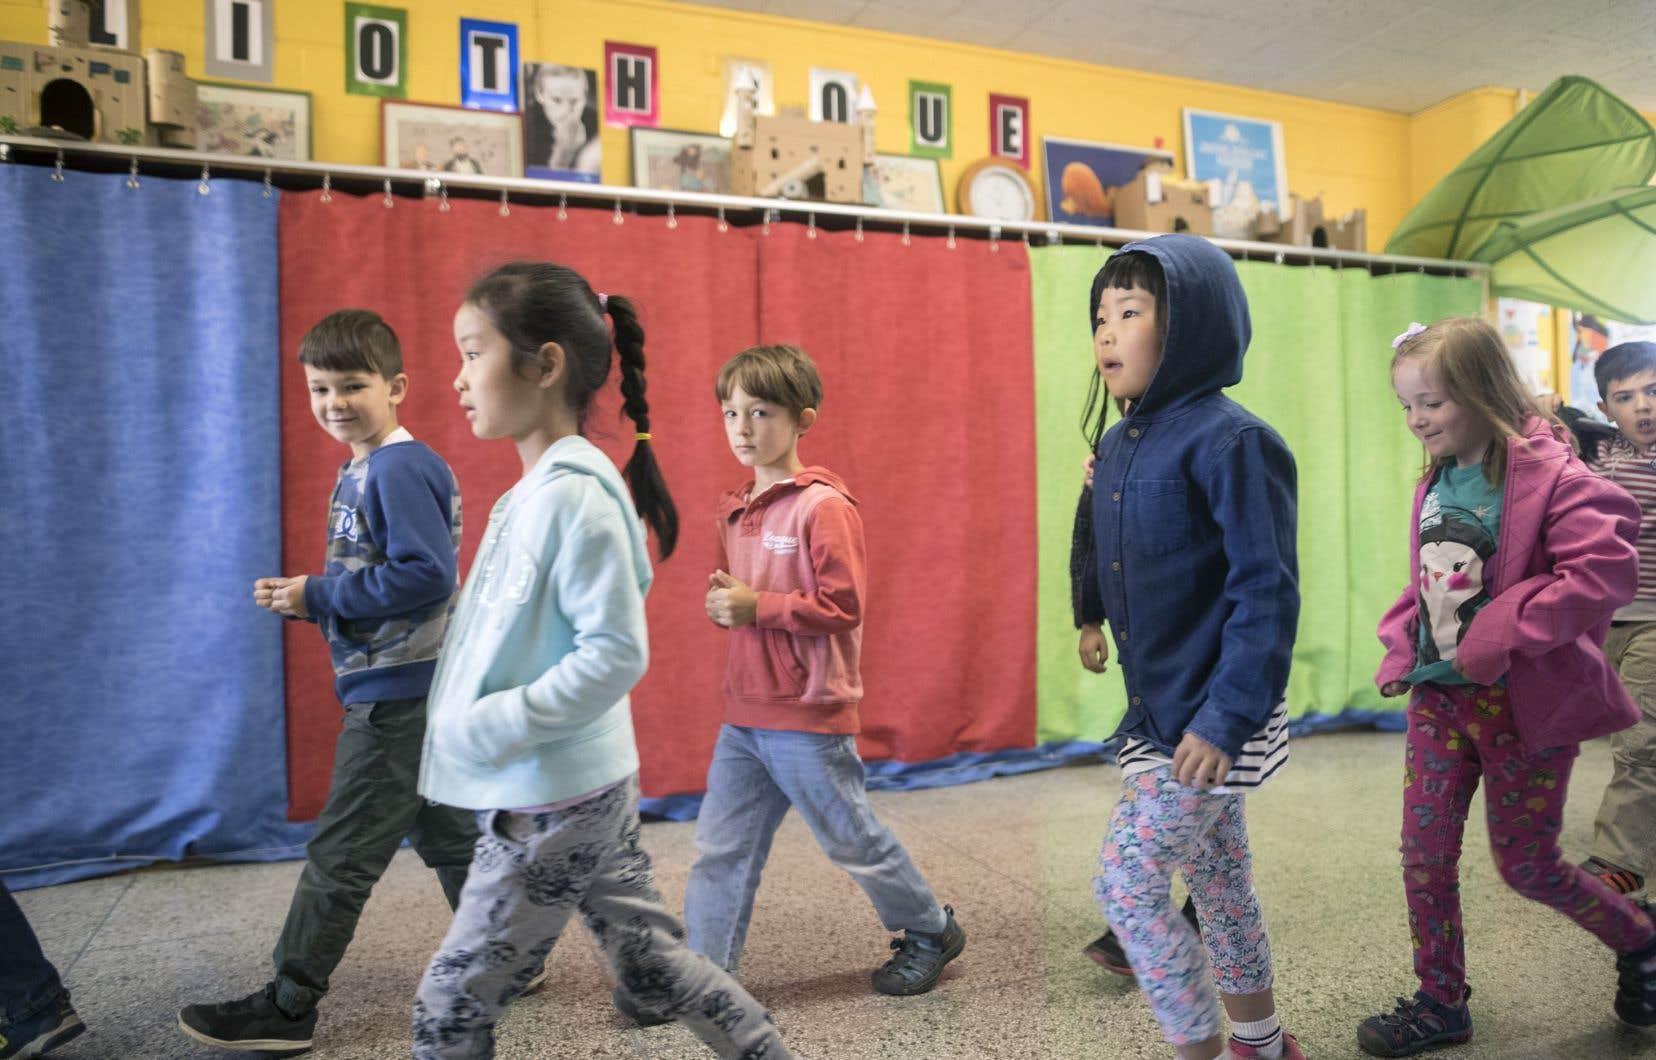 De nombreuses écoles montréalaises sont surpeuplées, soulignent les auteurs. Faute de place, l'école primaire Marc-Favreau a déménagé sa bibliothèque dans un couloir.